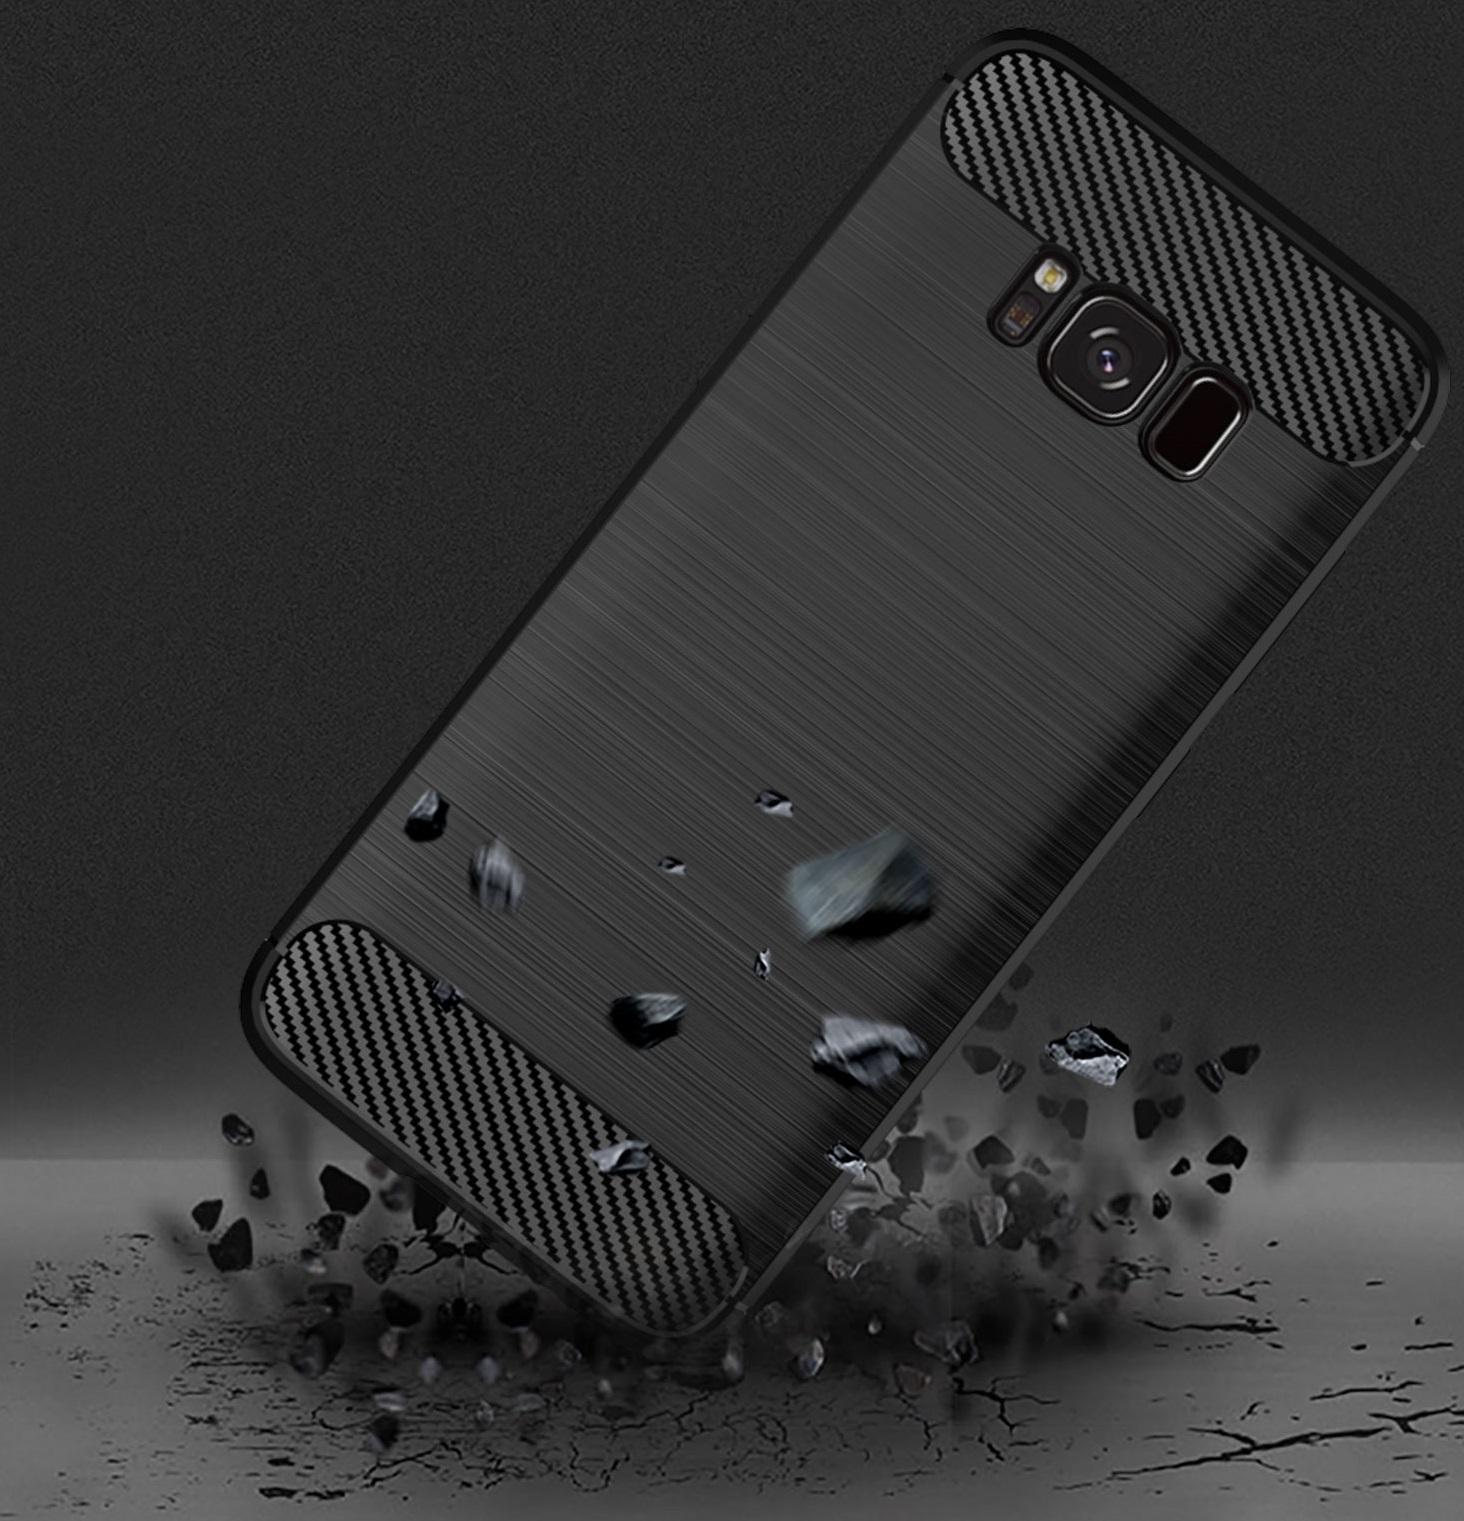 Чехол Samsung Galaxy S8 Plus цвет Black (черный), серия Carbon, Caseport